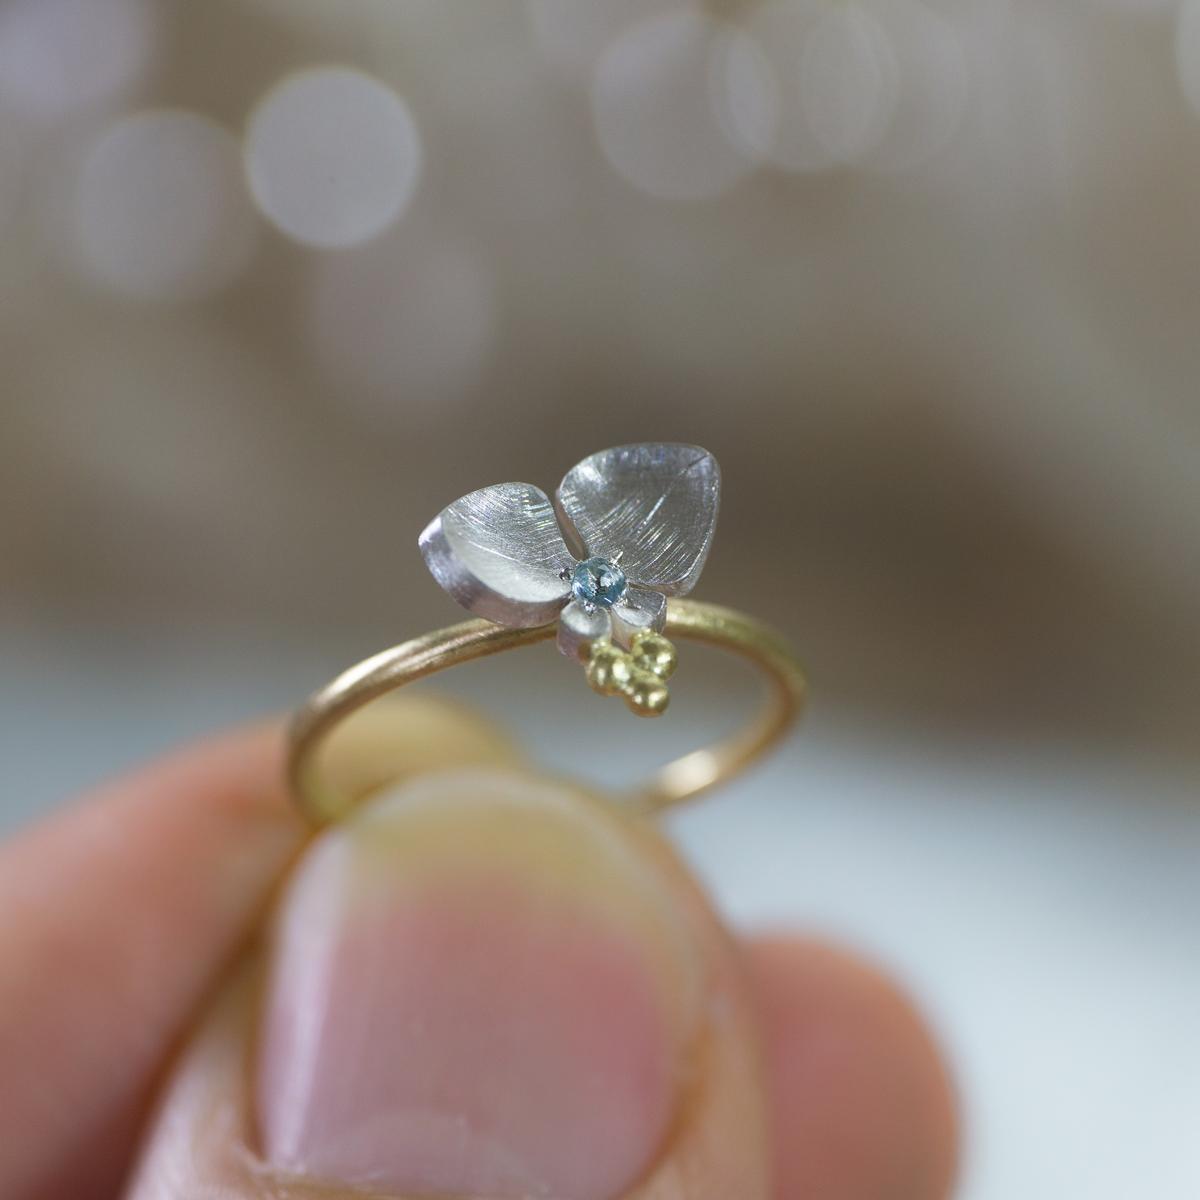 角度2 オーダーメイドの指輪 ジュエリーのアトリエ 手に持って 屋久島のツユクサモチーフ ゴールド、シルバー 屋久島でつくる結婚指輪